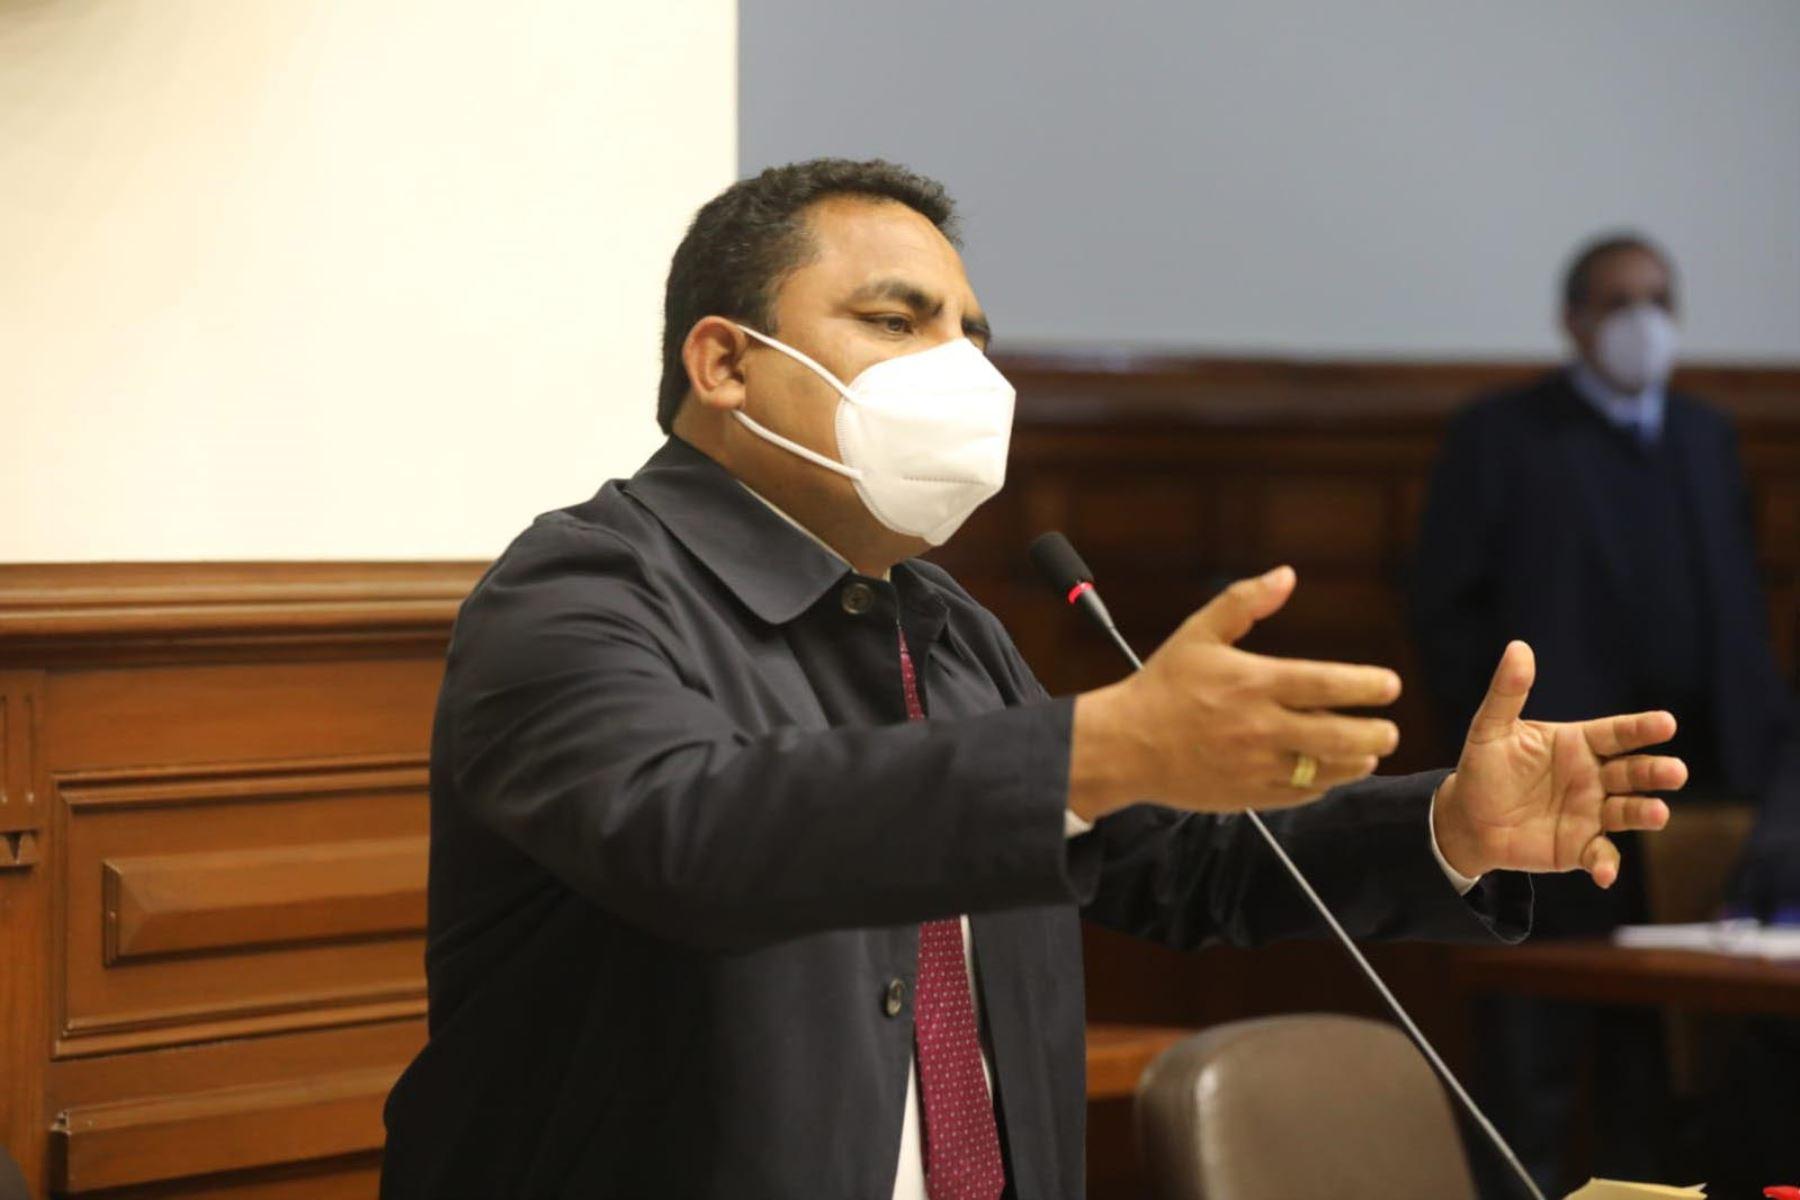 Aron Espinoza, vocero del grupo parlamentario Podemos Perú interviene en el pleno del Congreso. Foto: Congreso del Perú